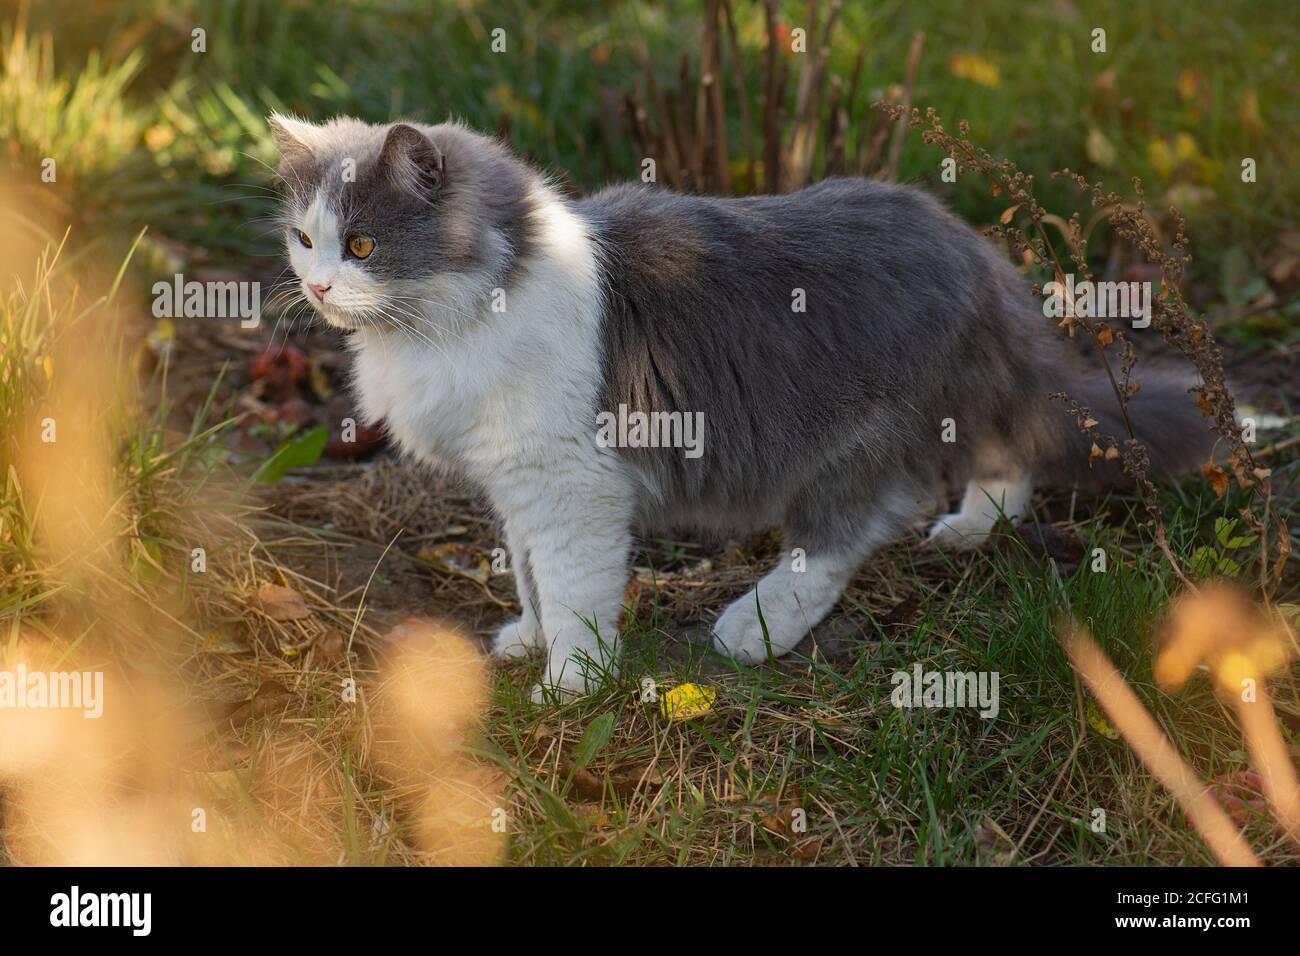 Gatito divertido en hojas amarillas de otoño. Gato jugando en otoño con follaje. Gatito británico en hojas de color sobre la naturaleza. Foto de stock